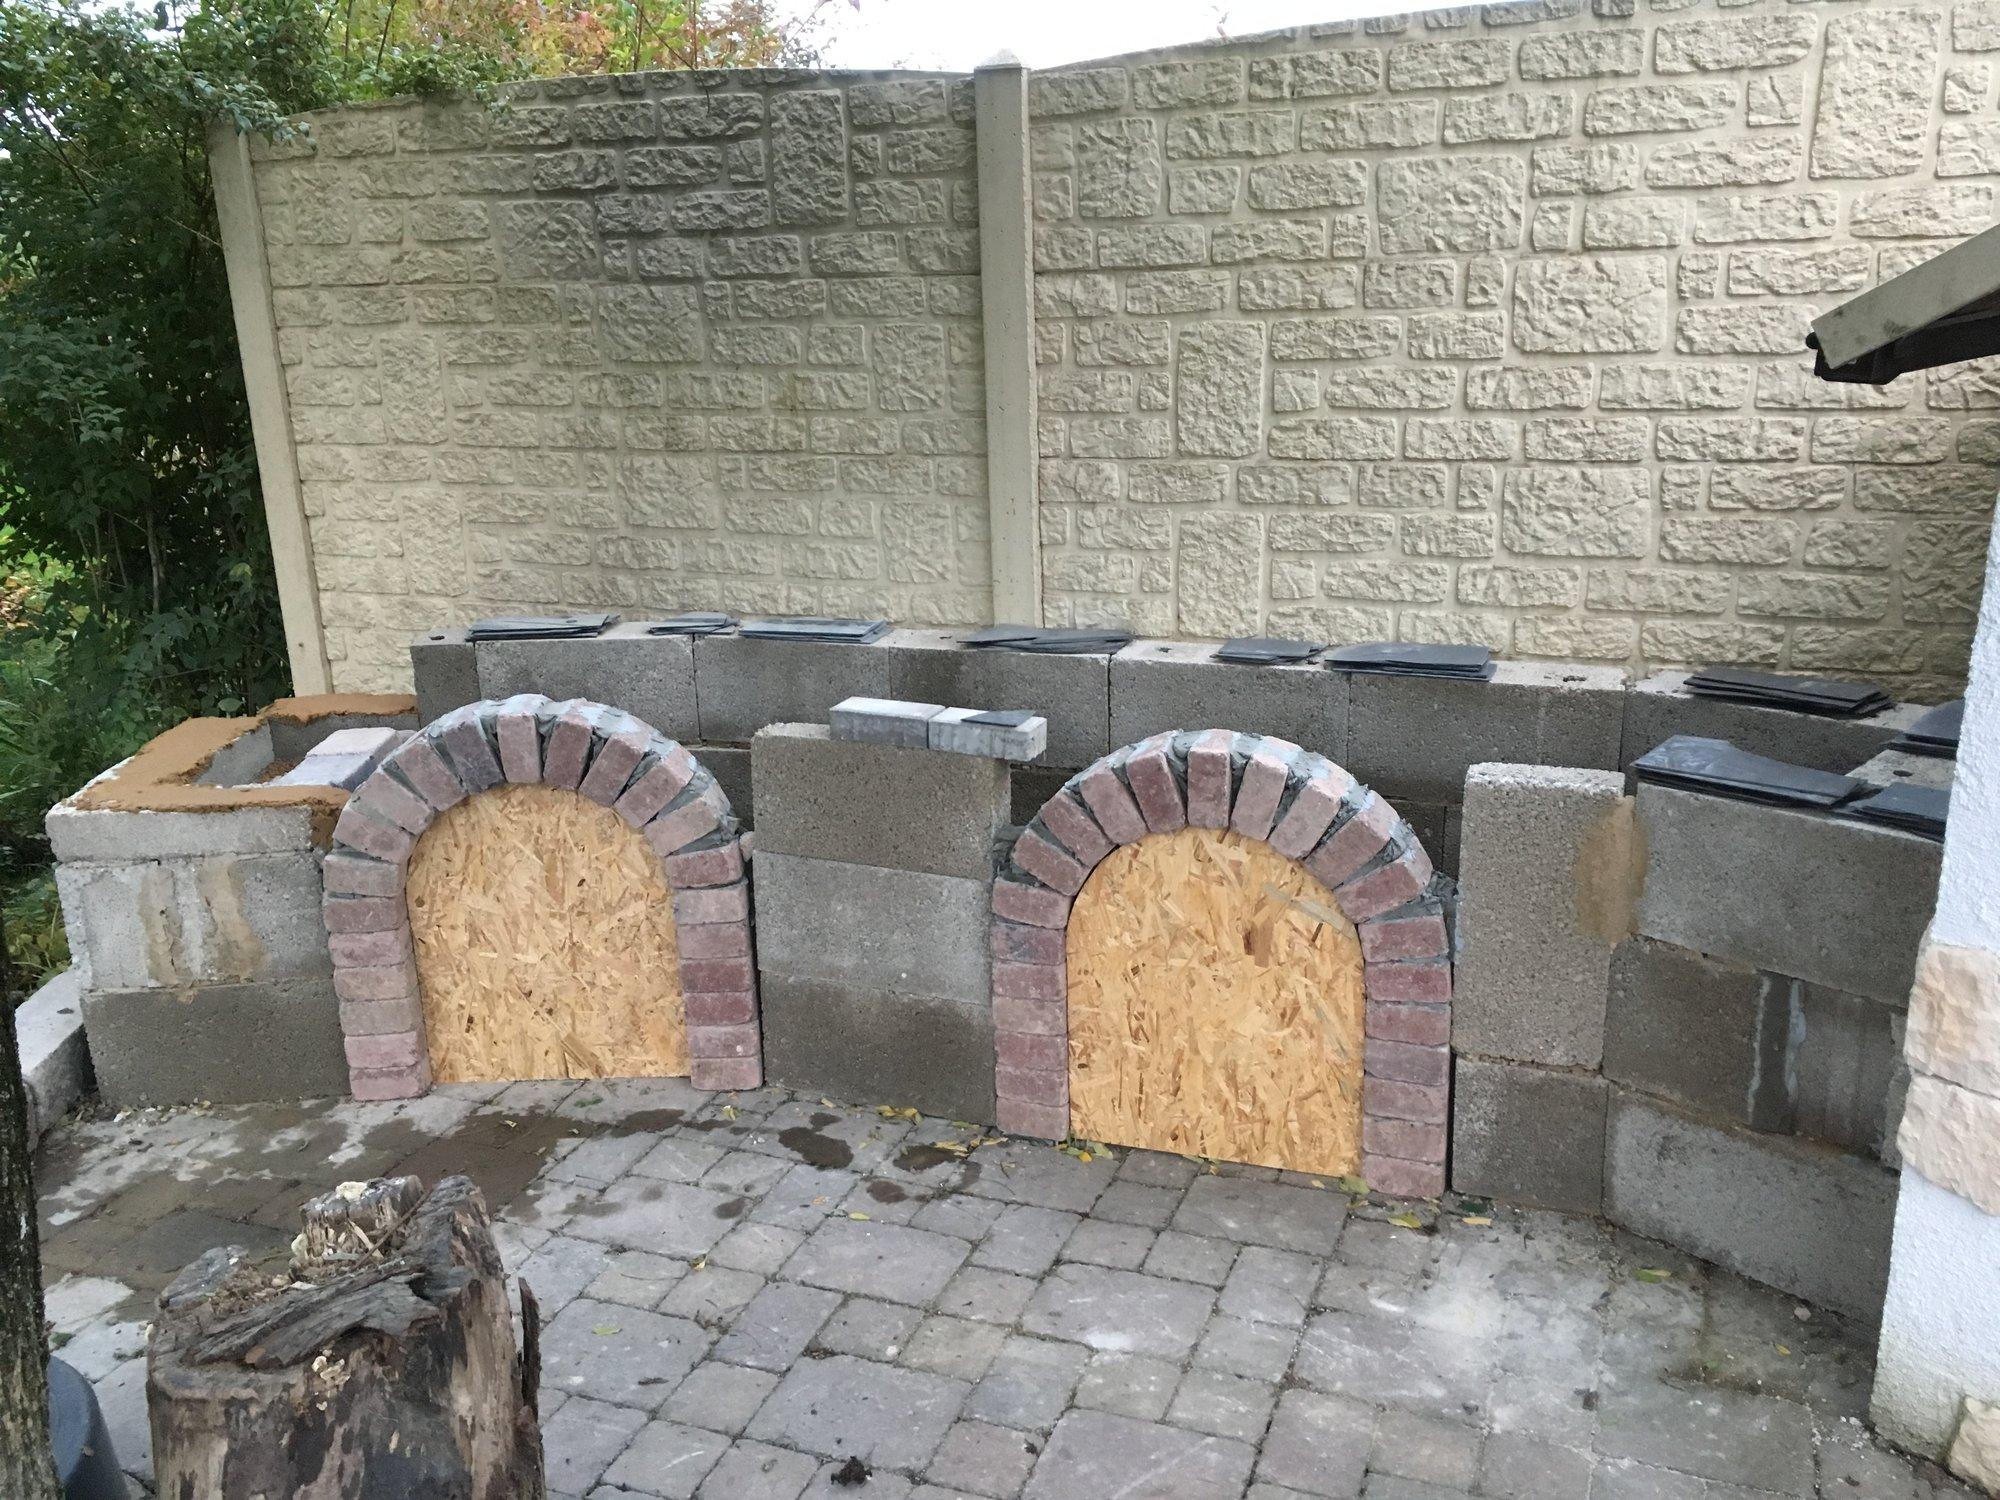 Kochfeld Für Außenküche : Kochfeld aussenküche kochfeld outdoor küche outdoor küche